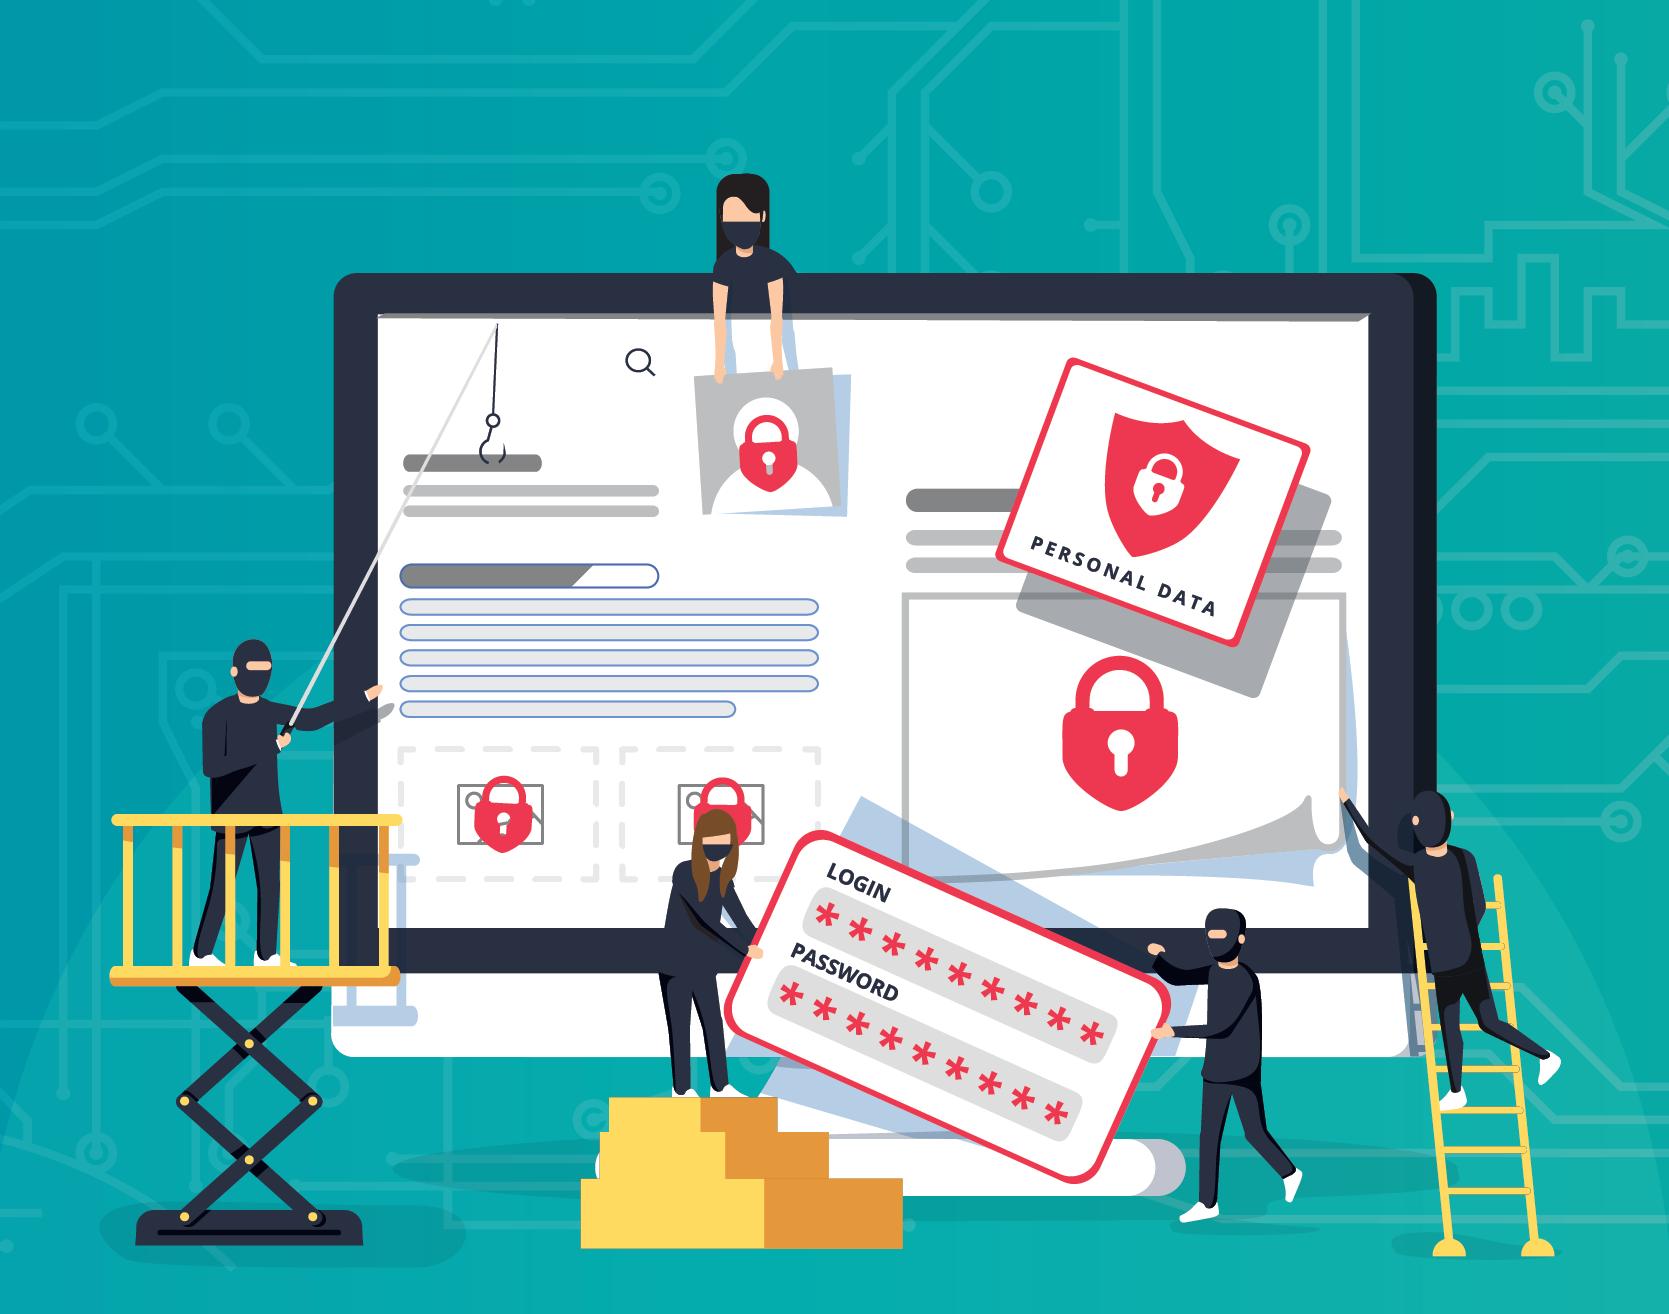 10 best practices vendor data breach